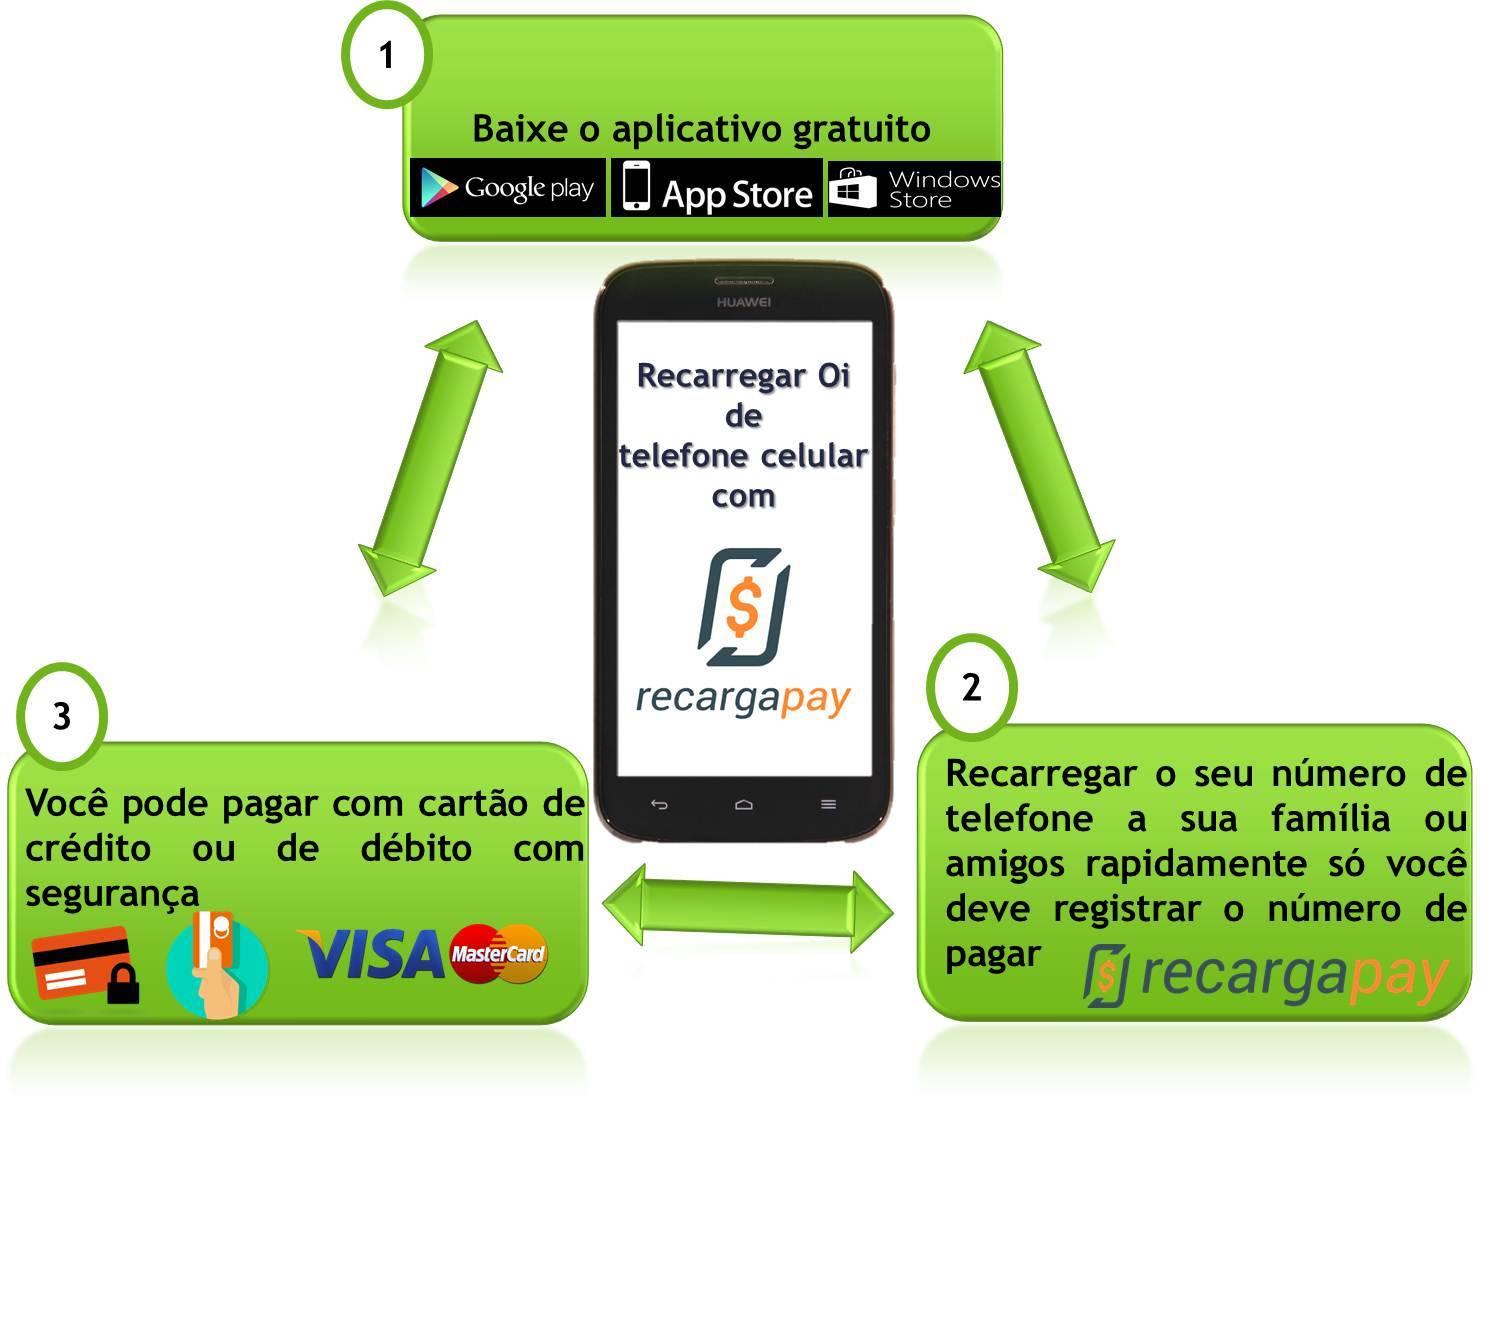 Recarregar Oi a partir de seu telefone em 3 passos simples com App